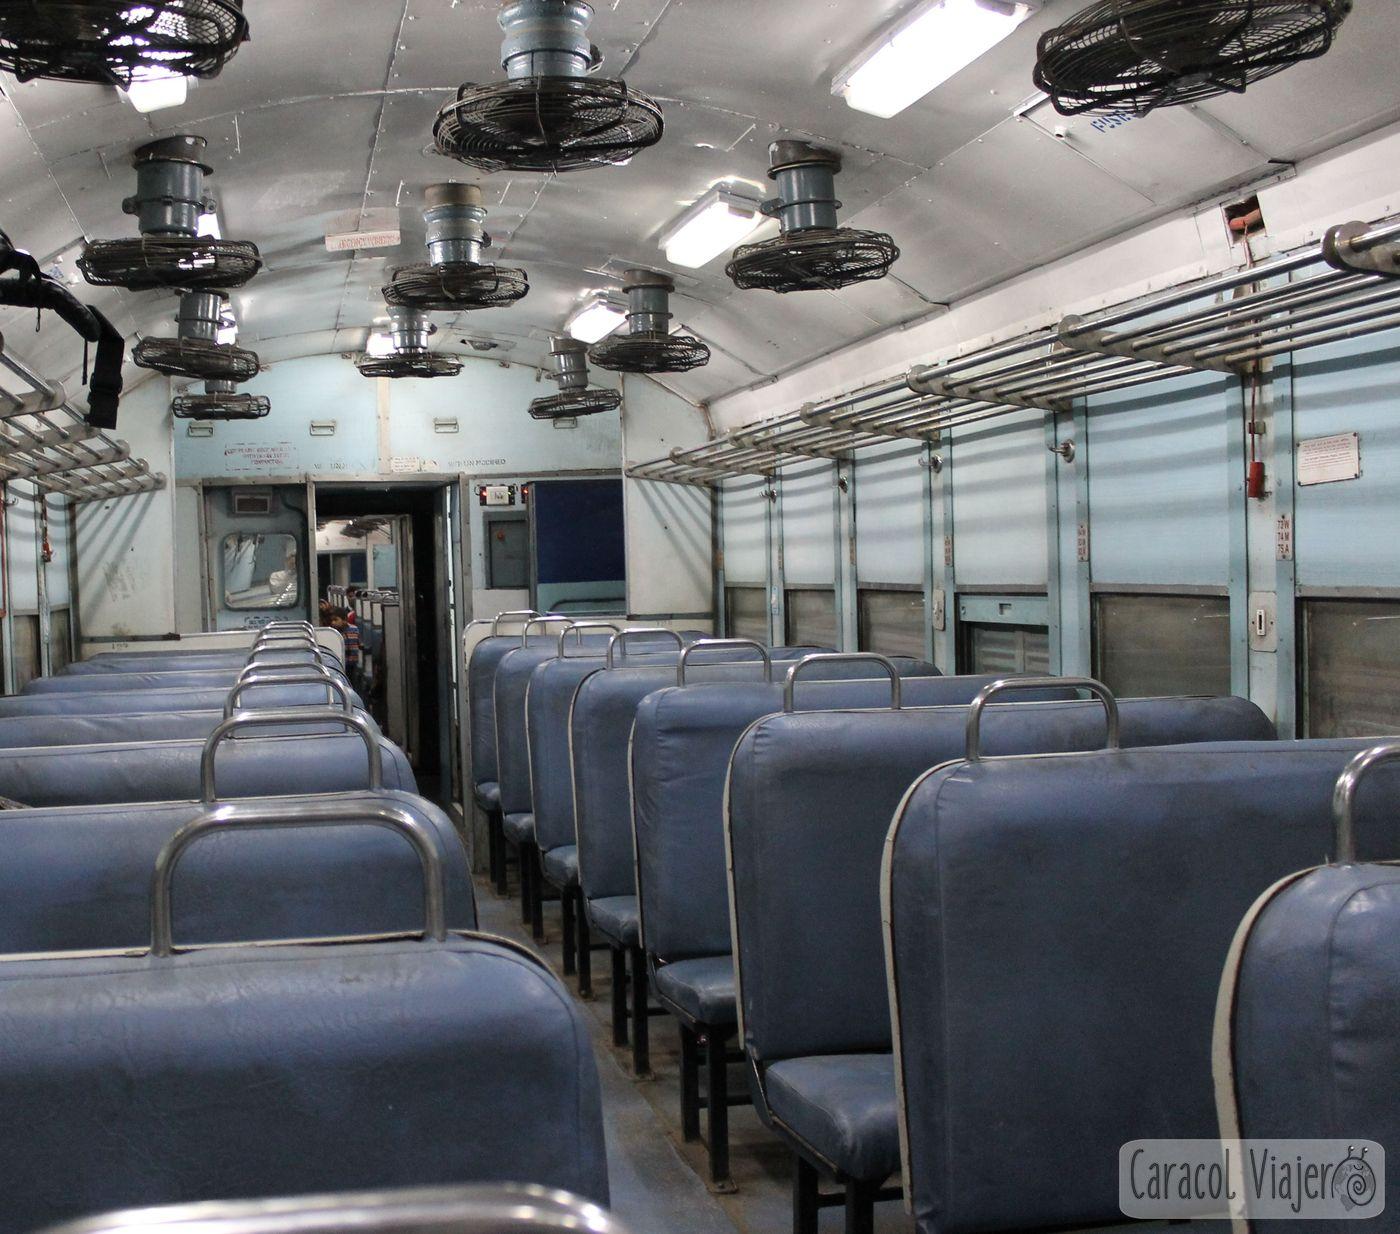 Segunda clase con ventilador, trenes India